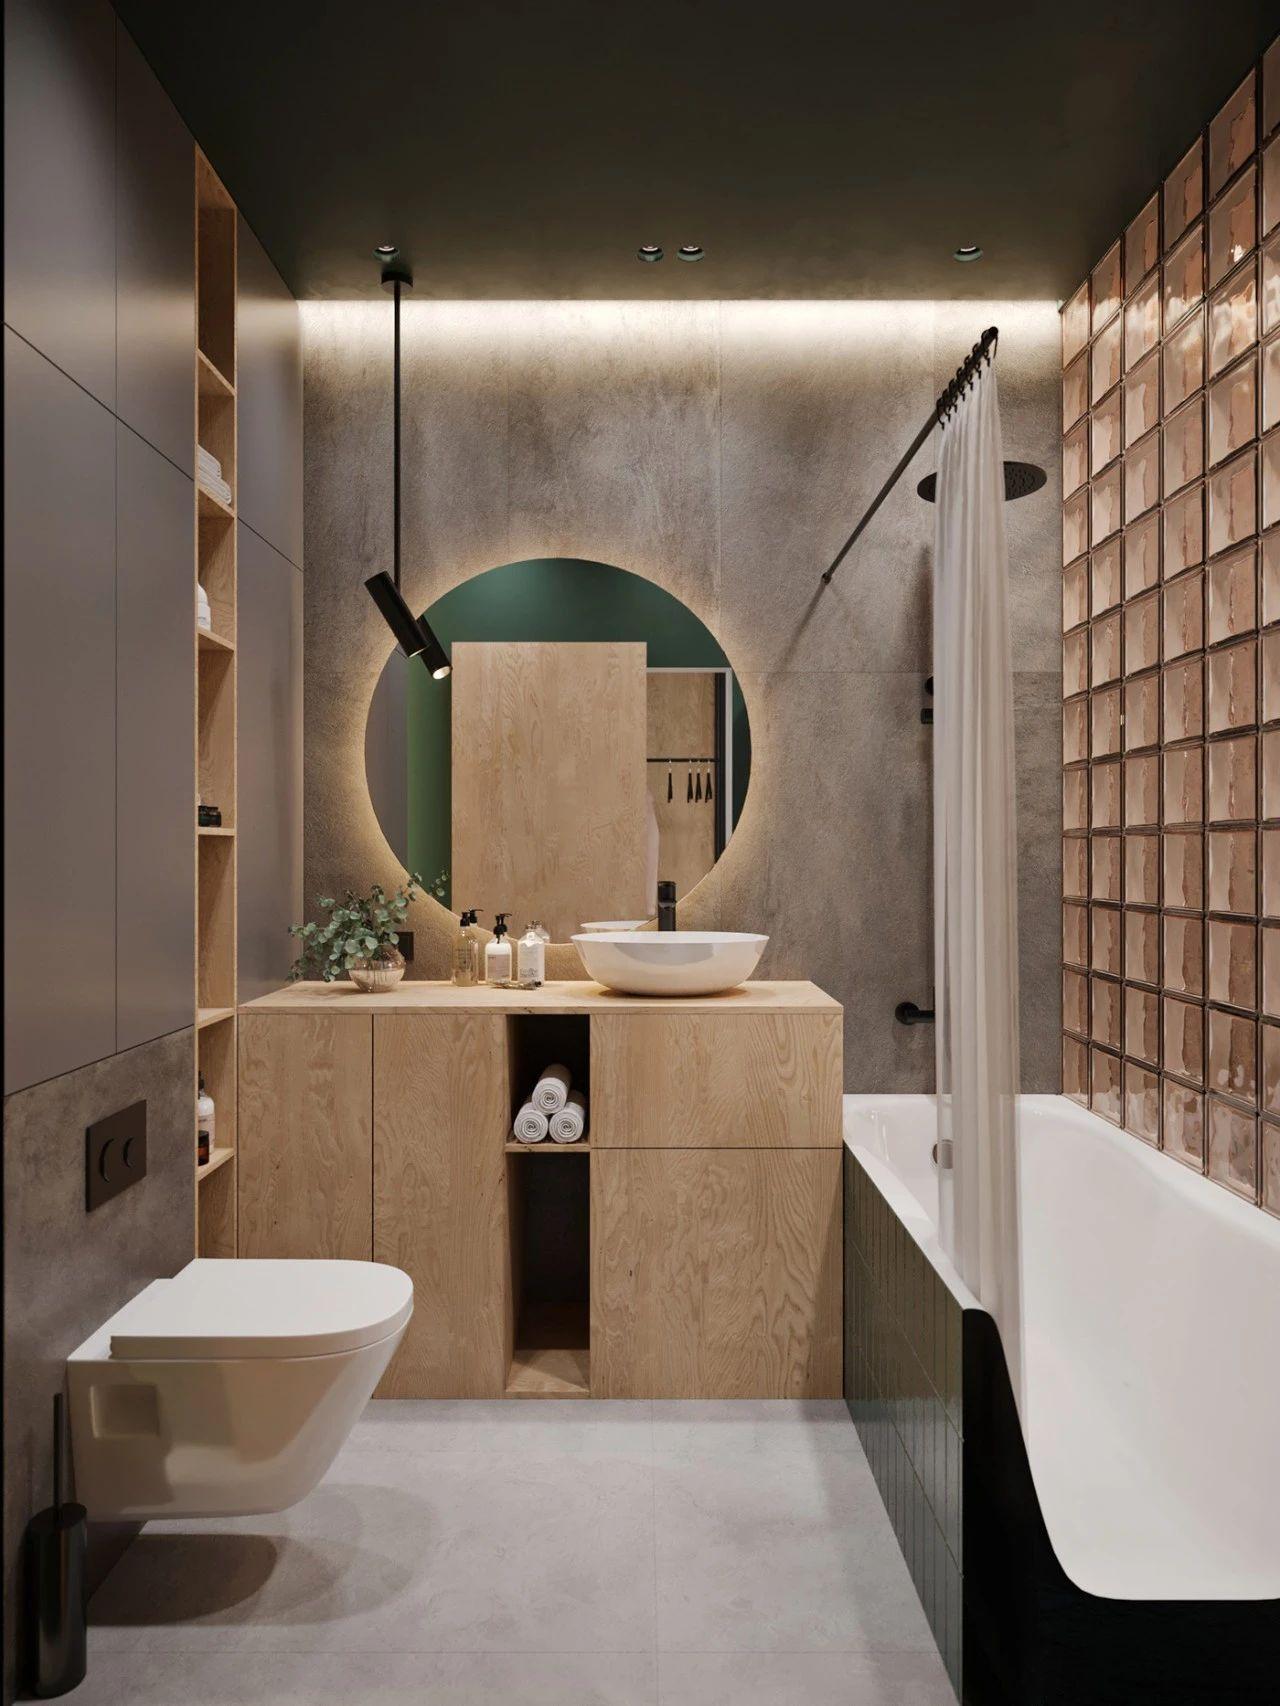 36㎡小公寓卫生间装修效果图